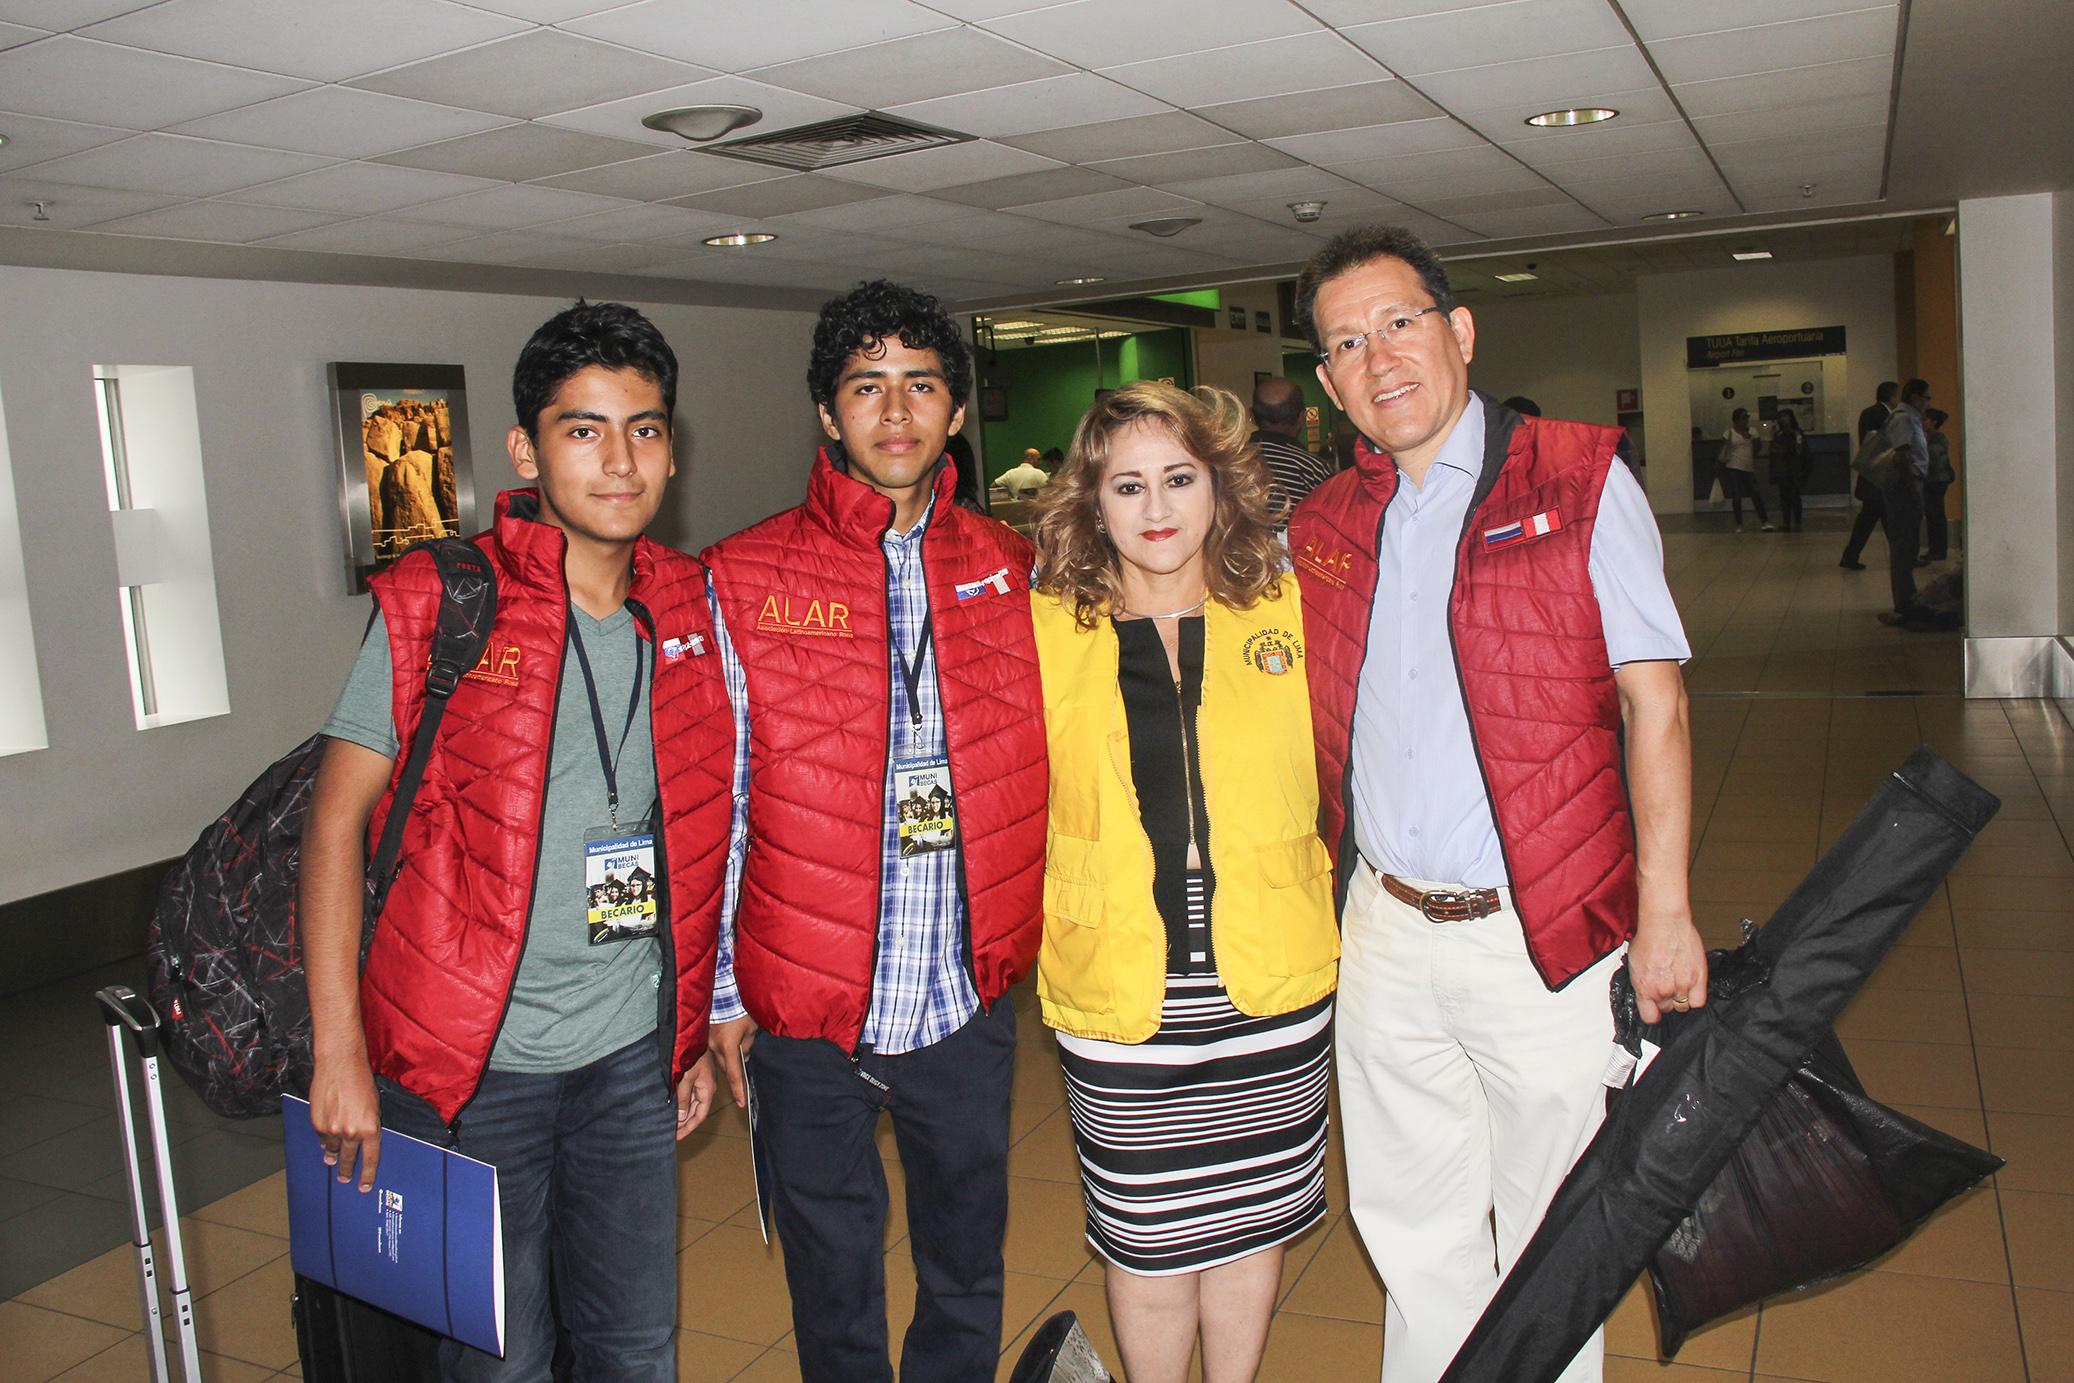 De Izq. a Der.: Manuel Bravo (Estudiante), Frank Carbajal (Estudiante), Betty Coronado (Rep. de la Municipalidad de Lima ), Jorge Cieza de León (Director de ALAR) en el Aeropuerto Int. Jorge Chávez